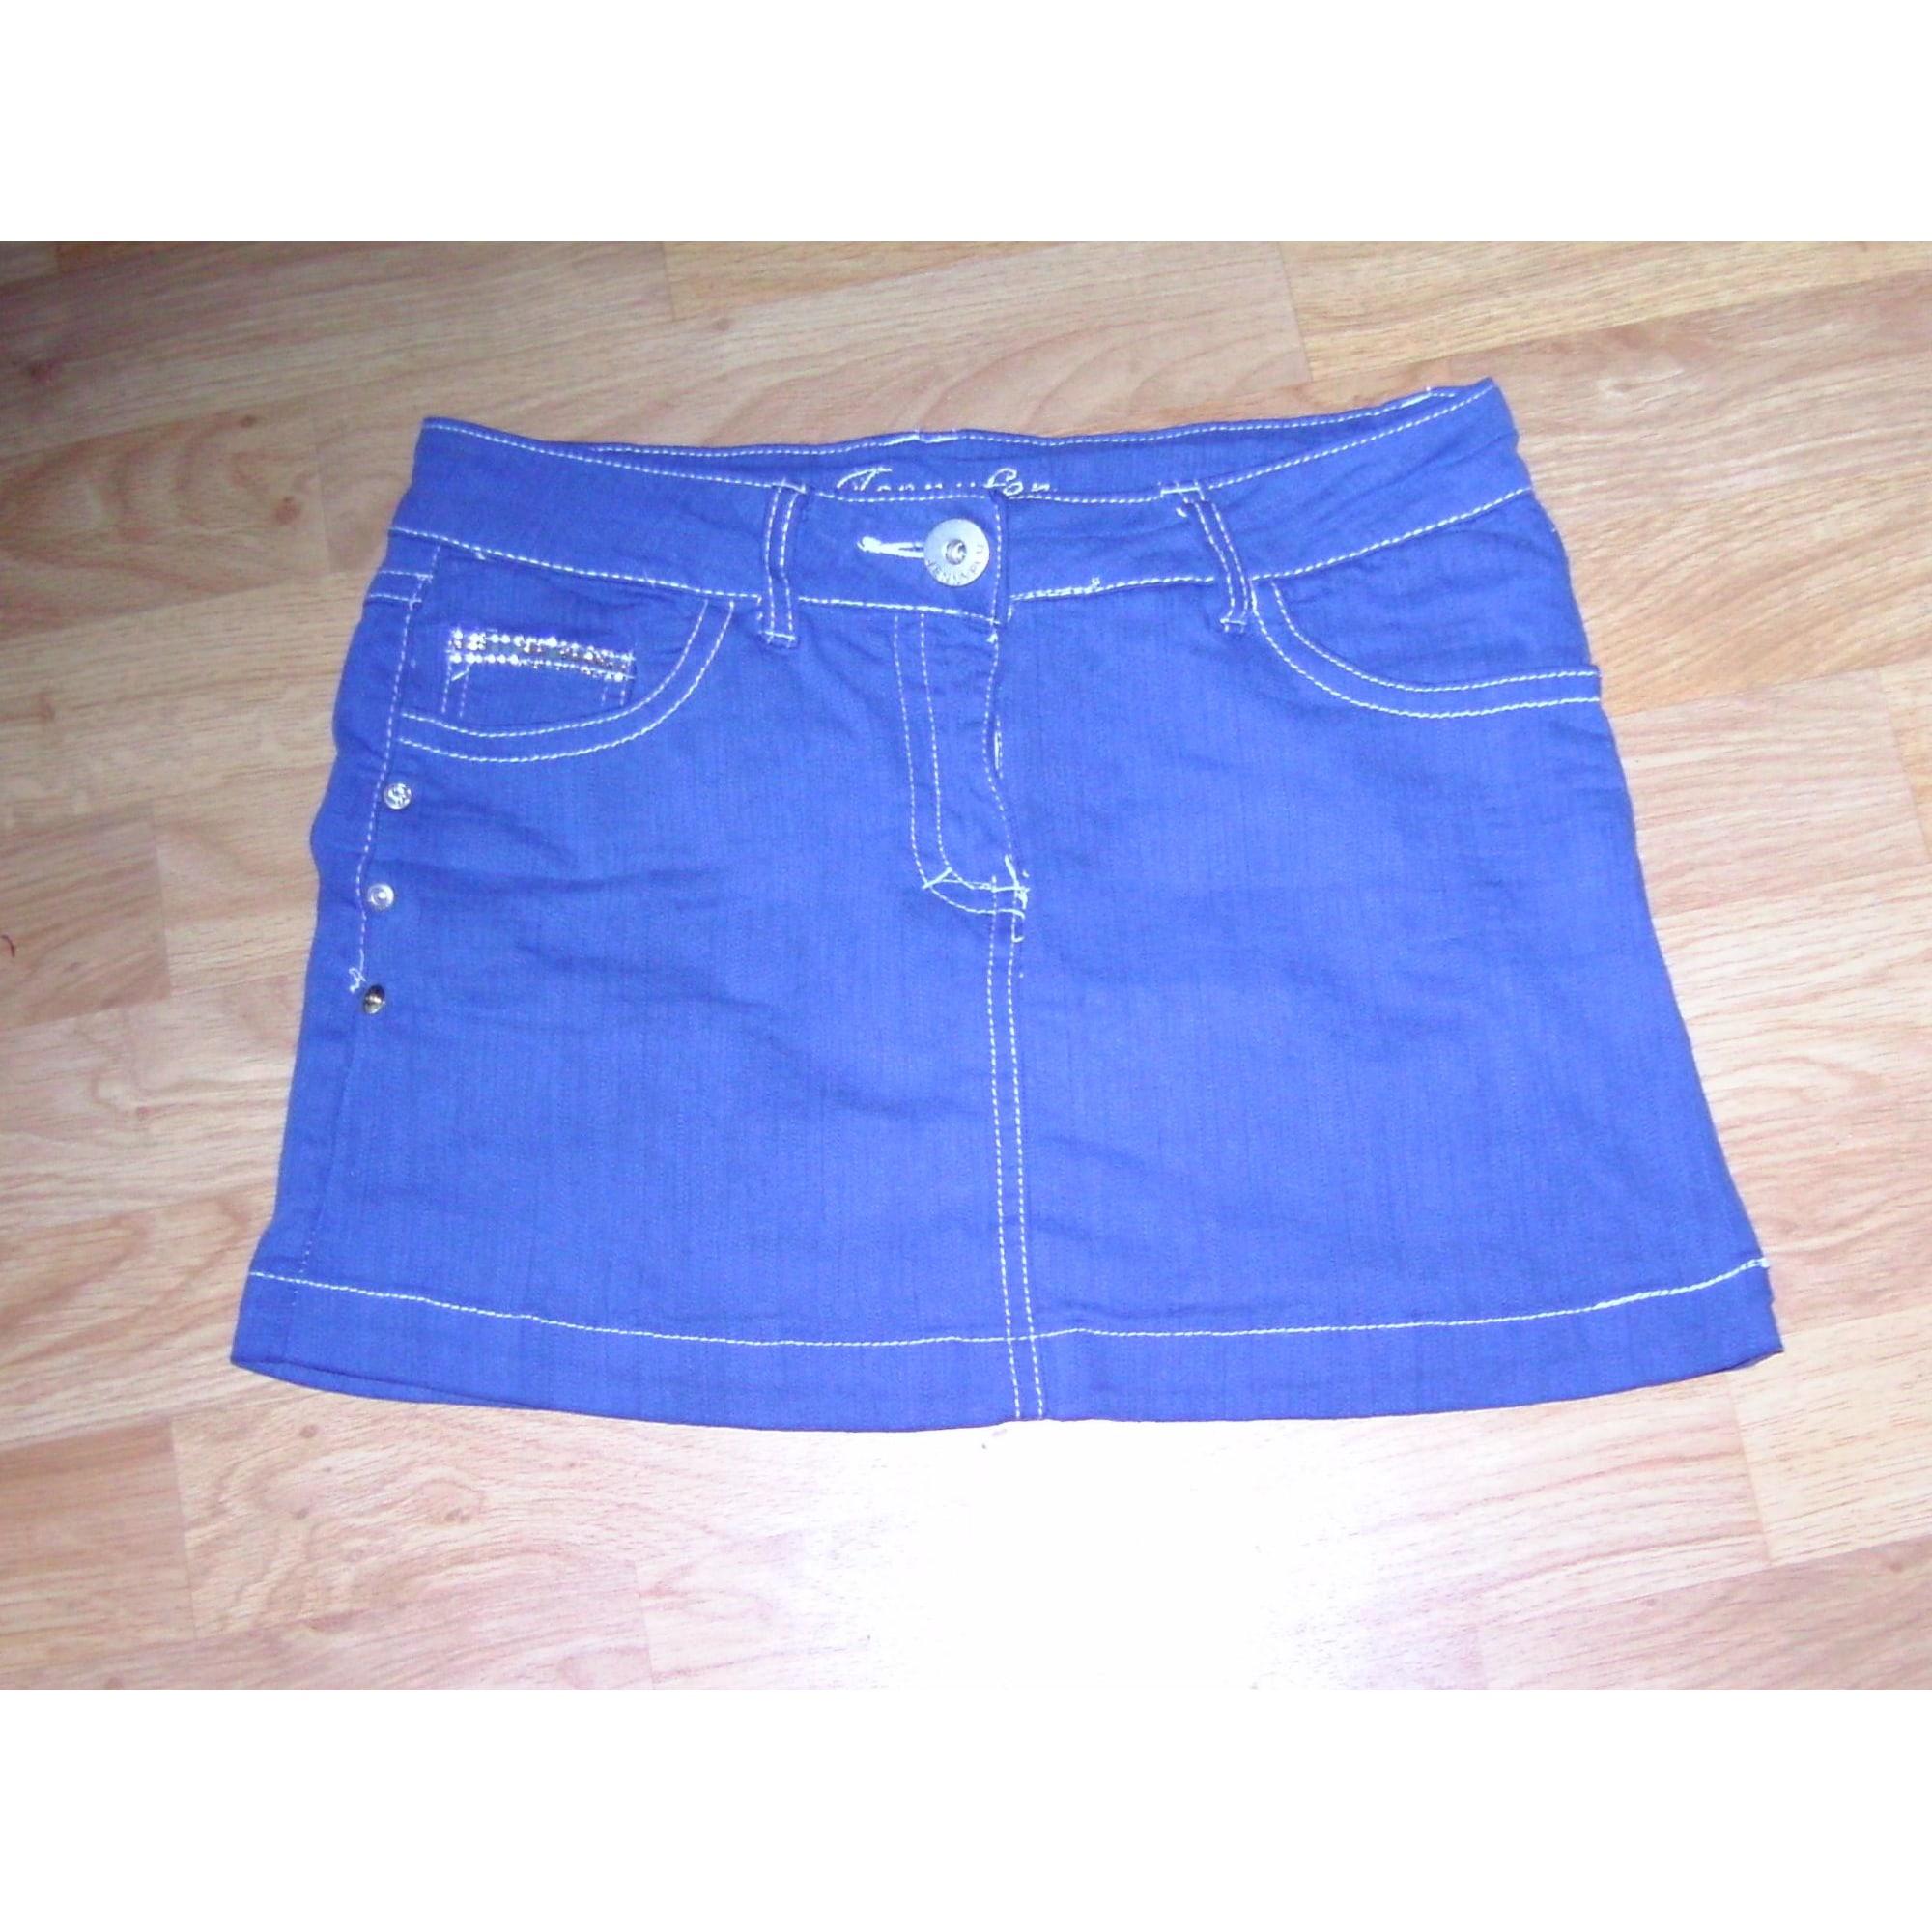 Jupe courte JENNYFER Bleu, bleu marine, bleu turquoise